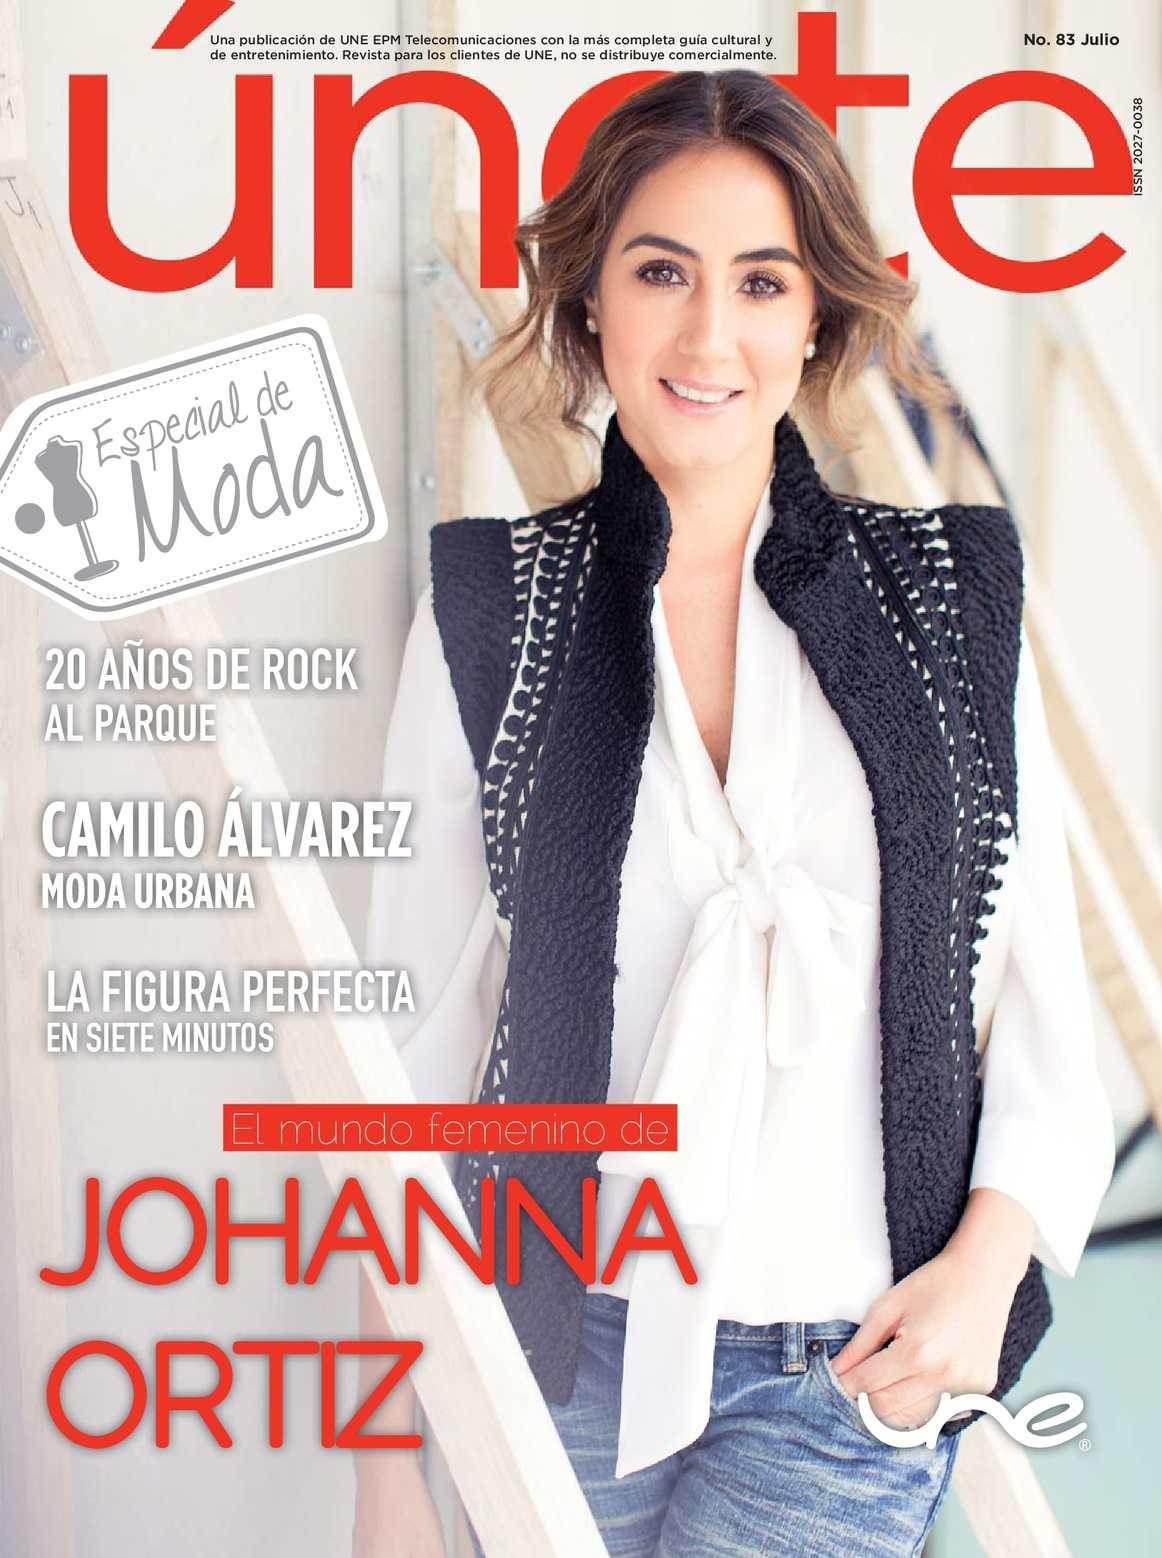 Calaméo - Edición 83   Julio 2014 - Revista Únete be6ef4d82e69